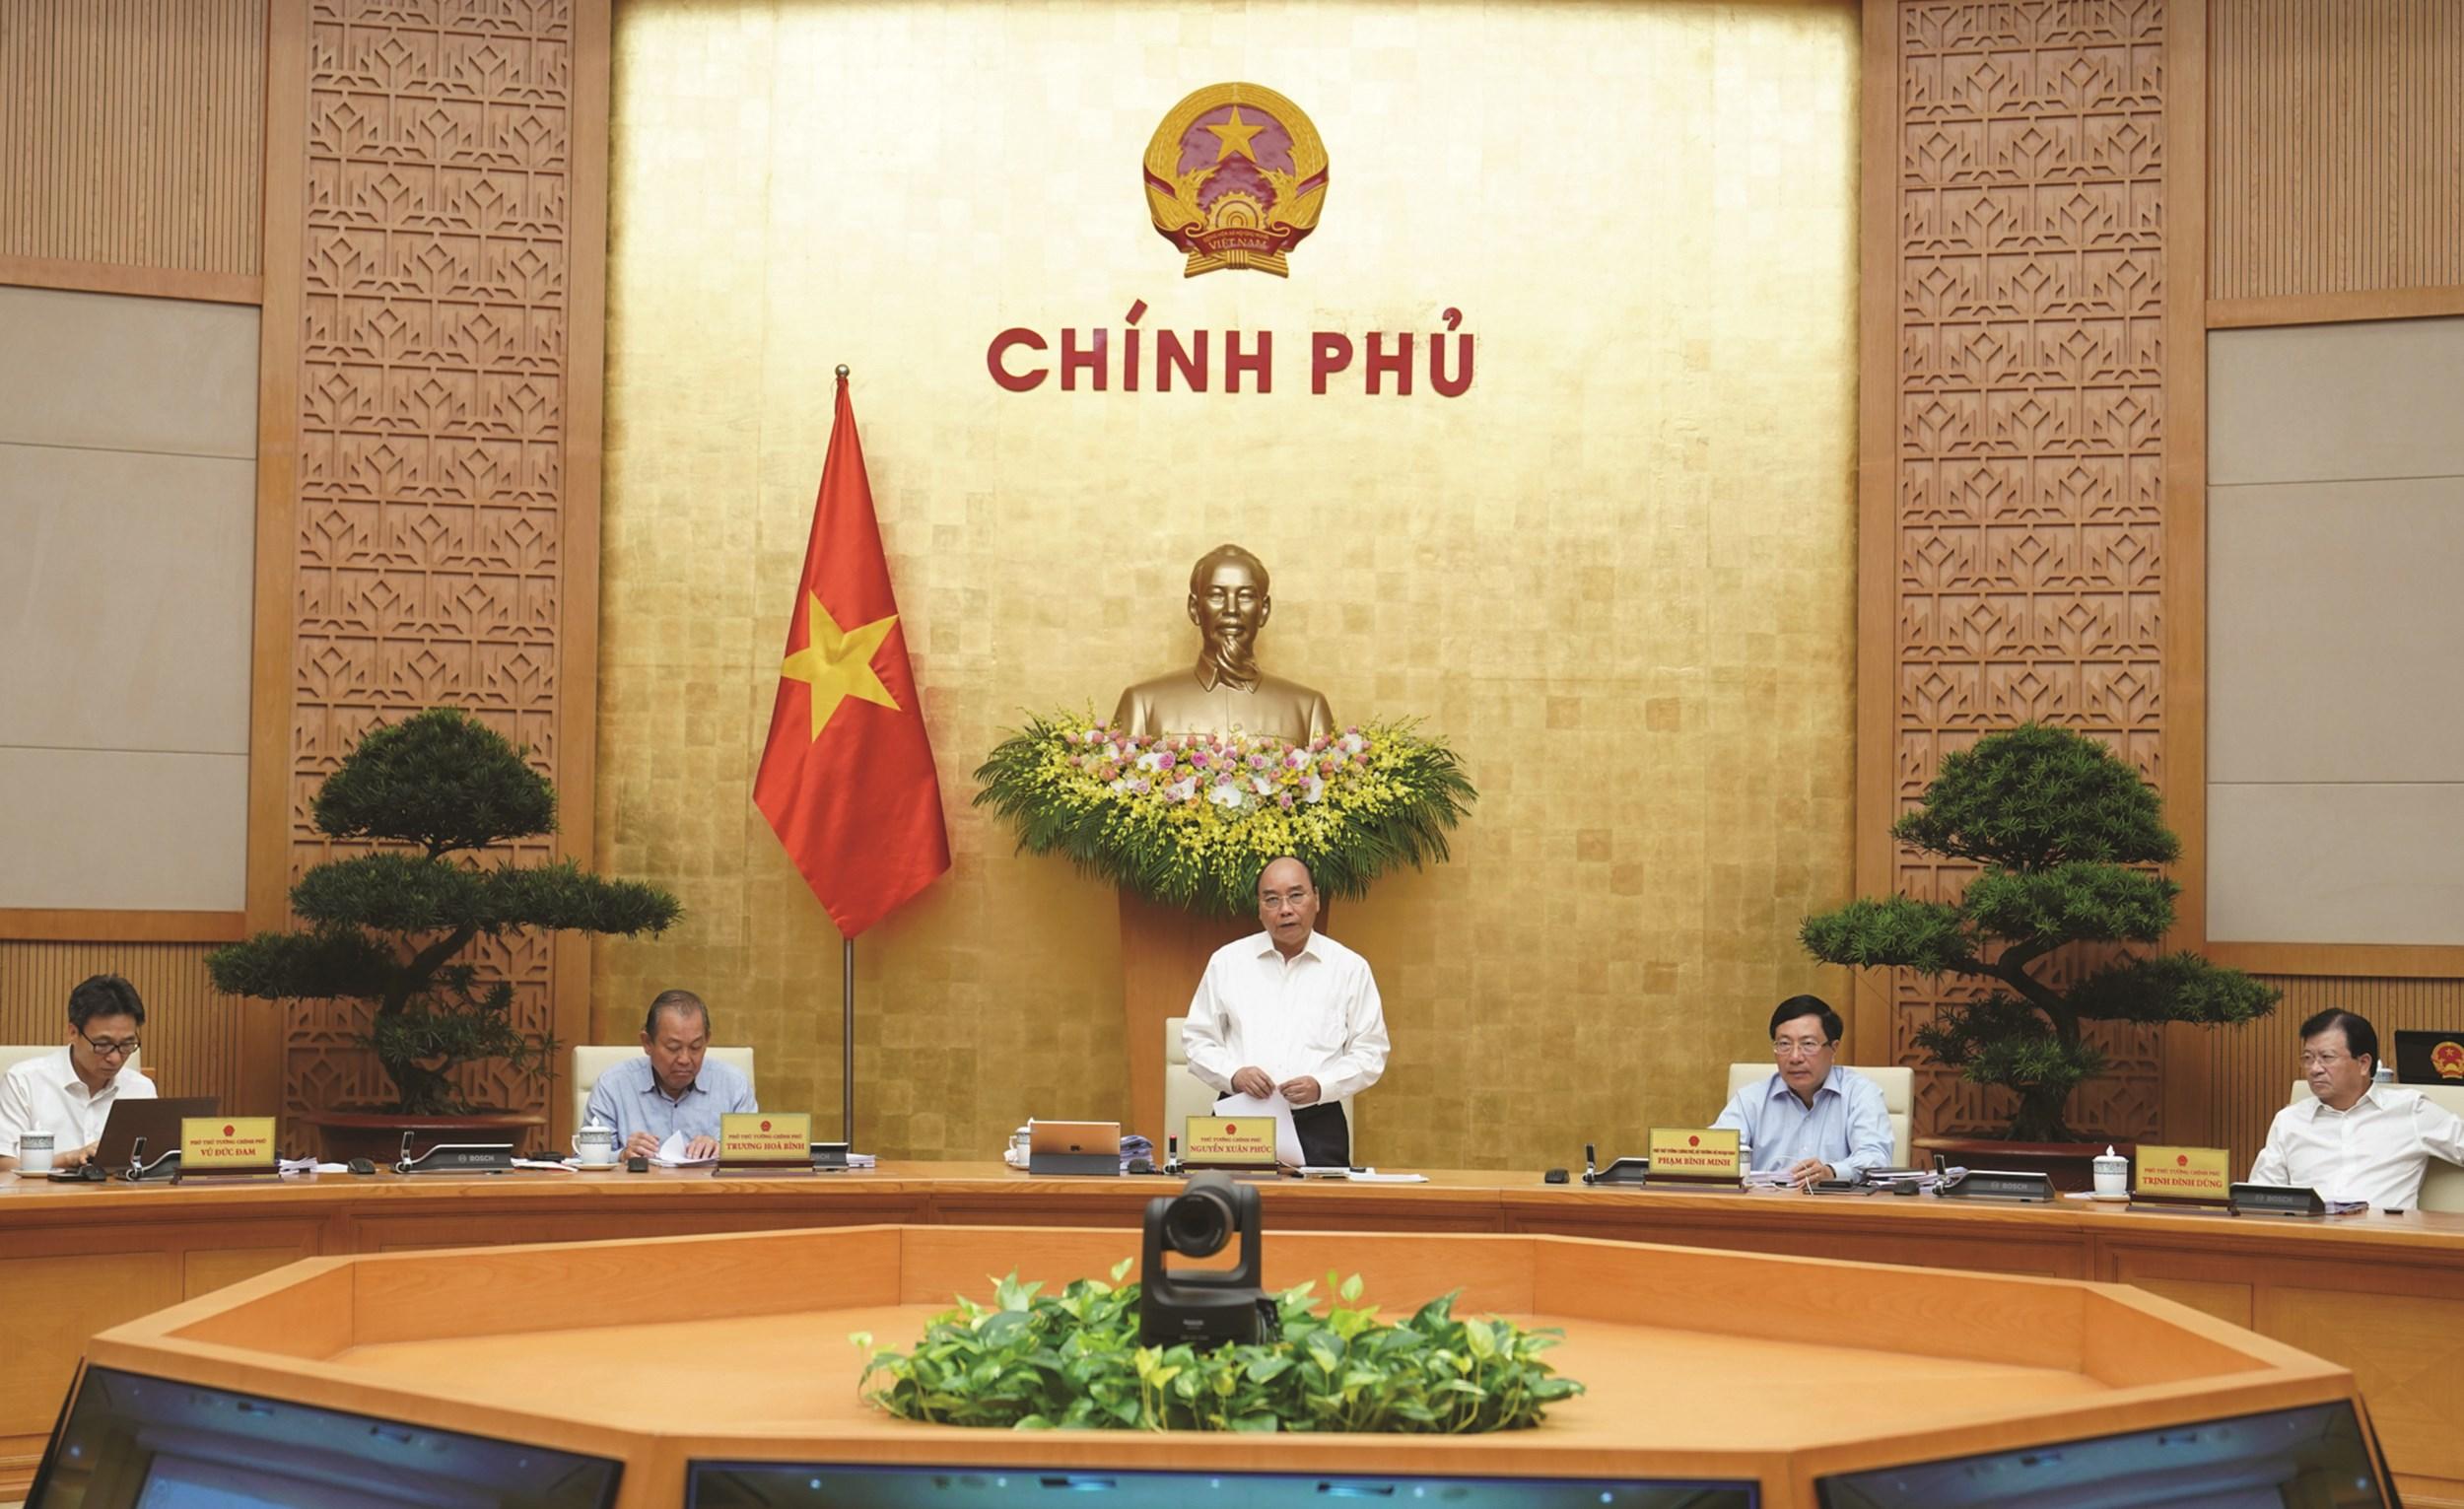 Thủ tướng Chính phủ Nguyễn Xuân Phúc chủ trì cuộc họp.